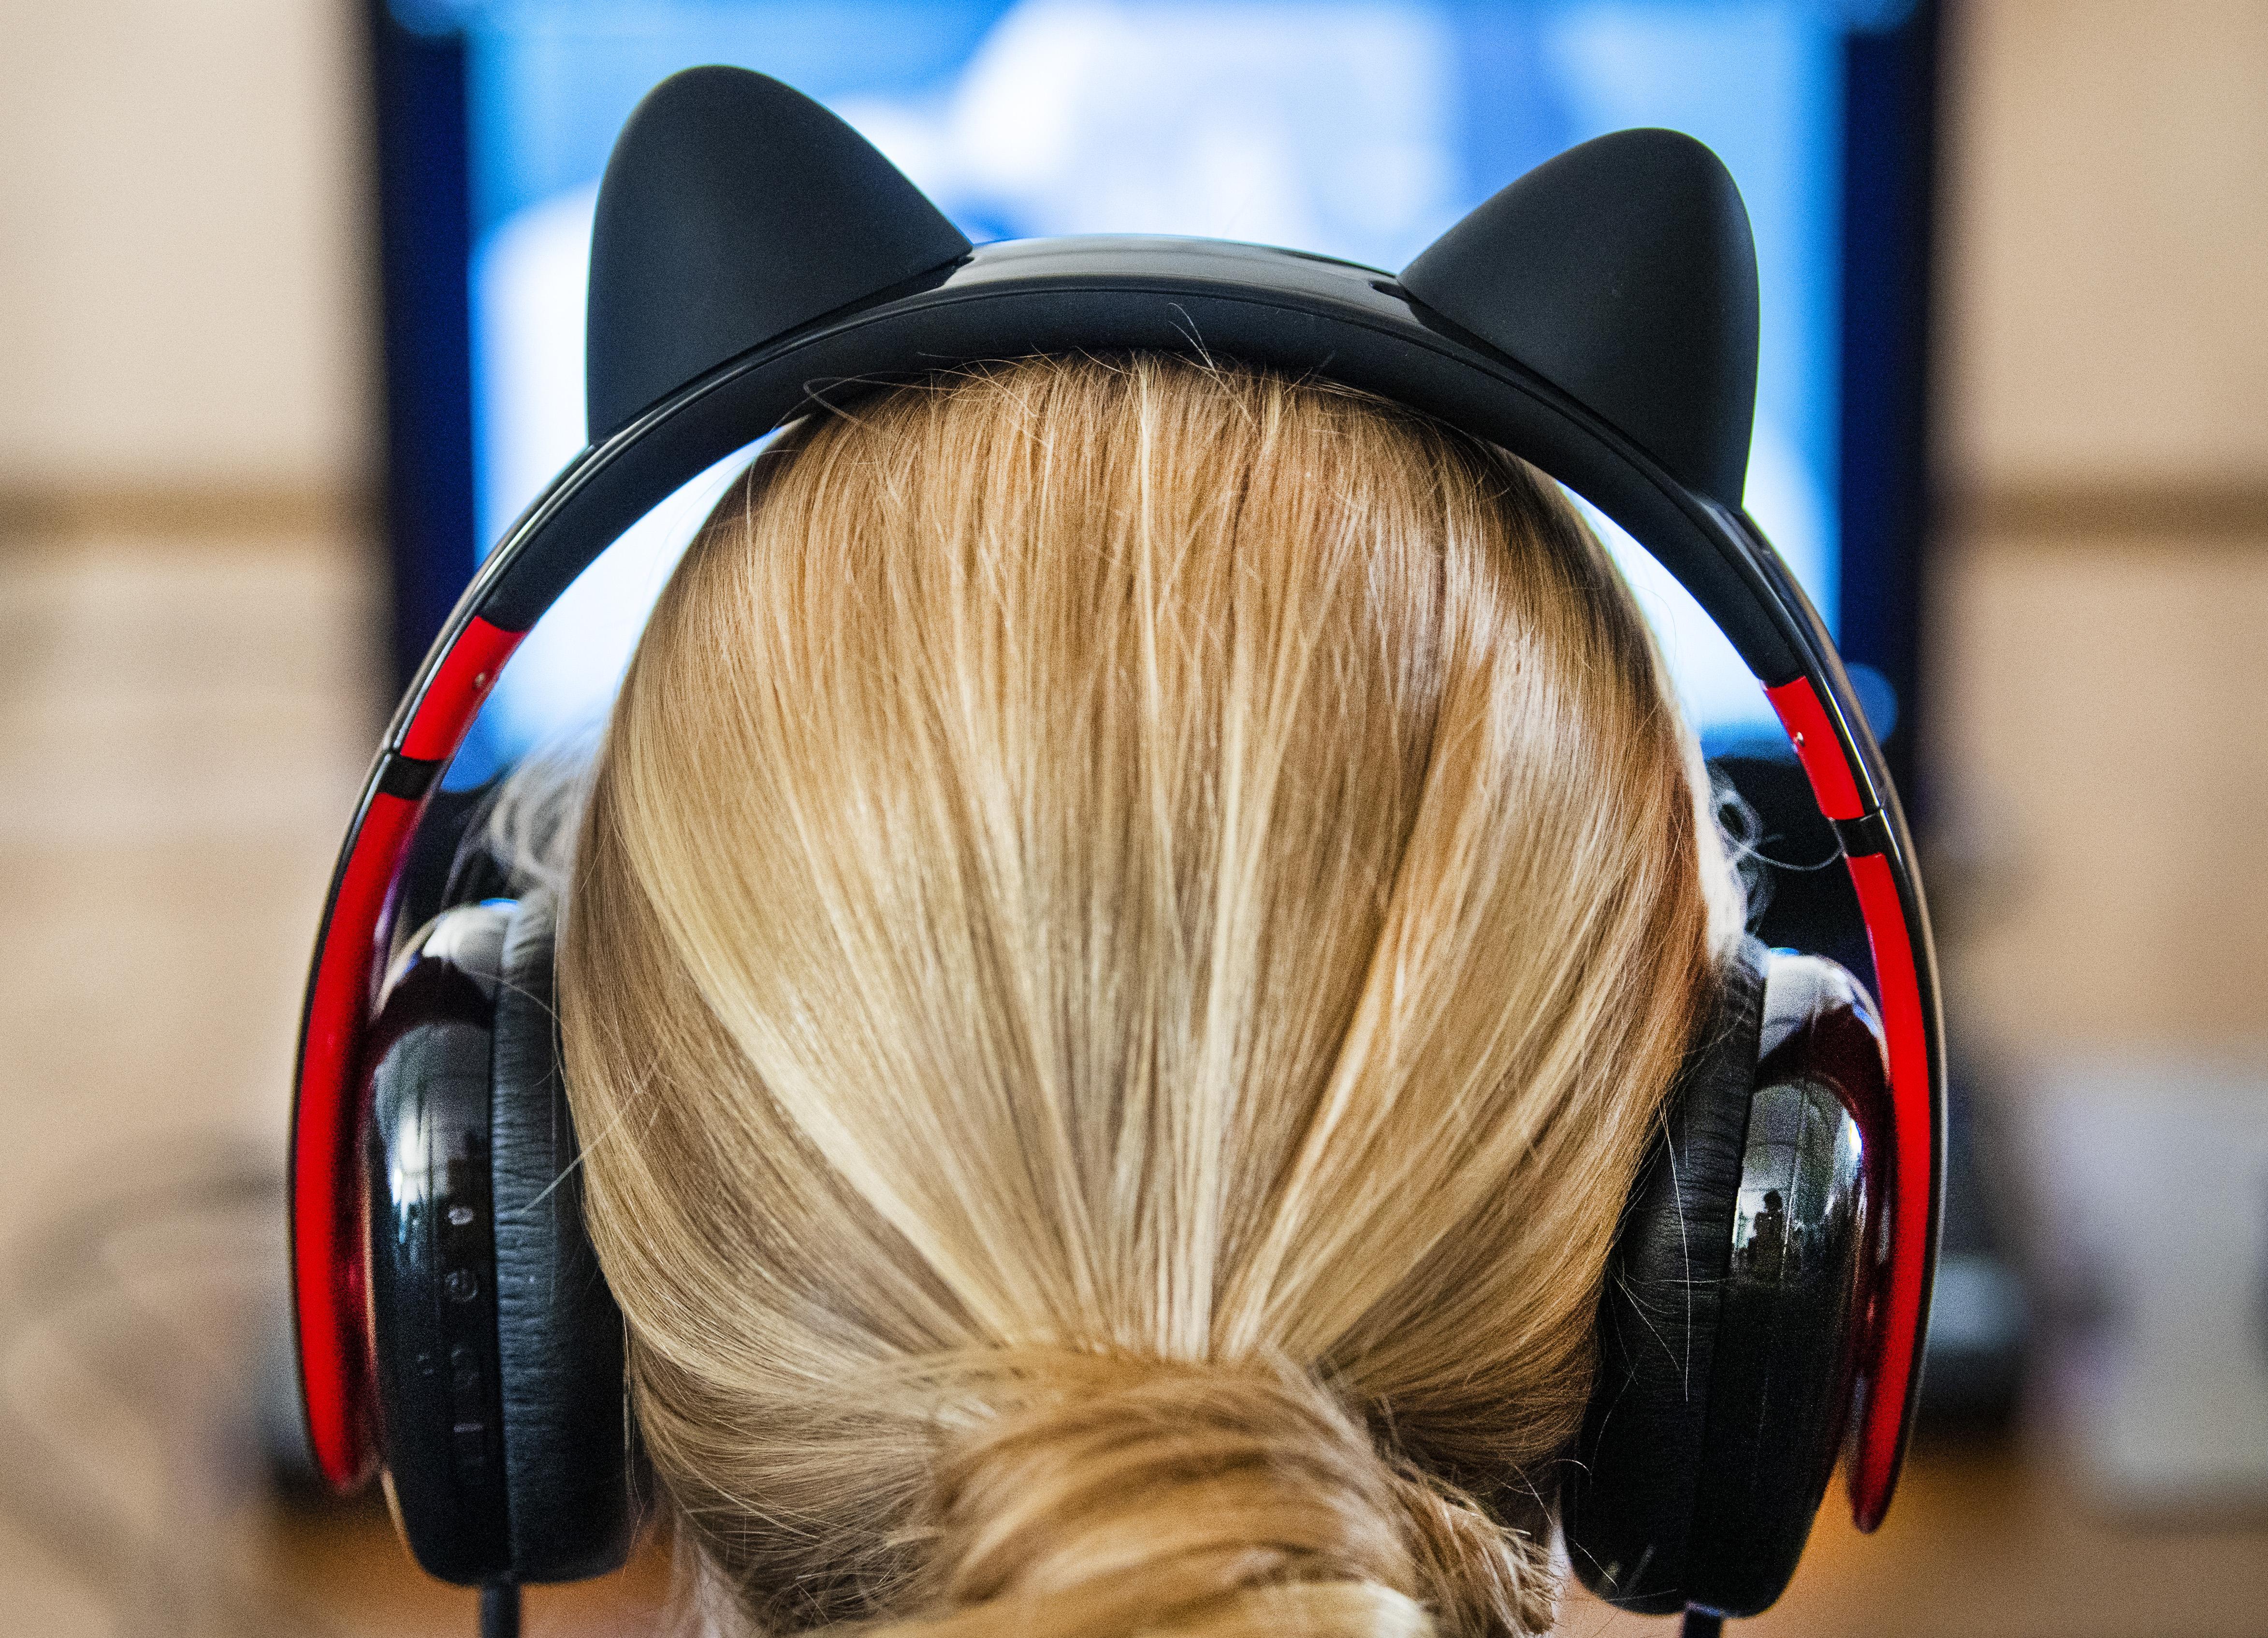 Zoektocht naar Junior Cyber Agents: Velsen en Beverwijk willen acht- tot twaalfjarigen leren hoe zij zich kunnen verweren tegen gevaren online [video]